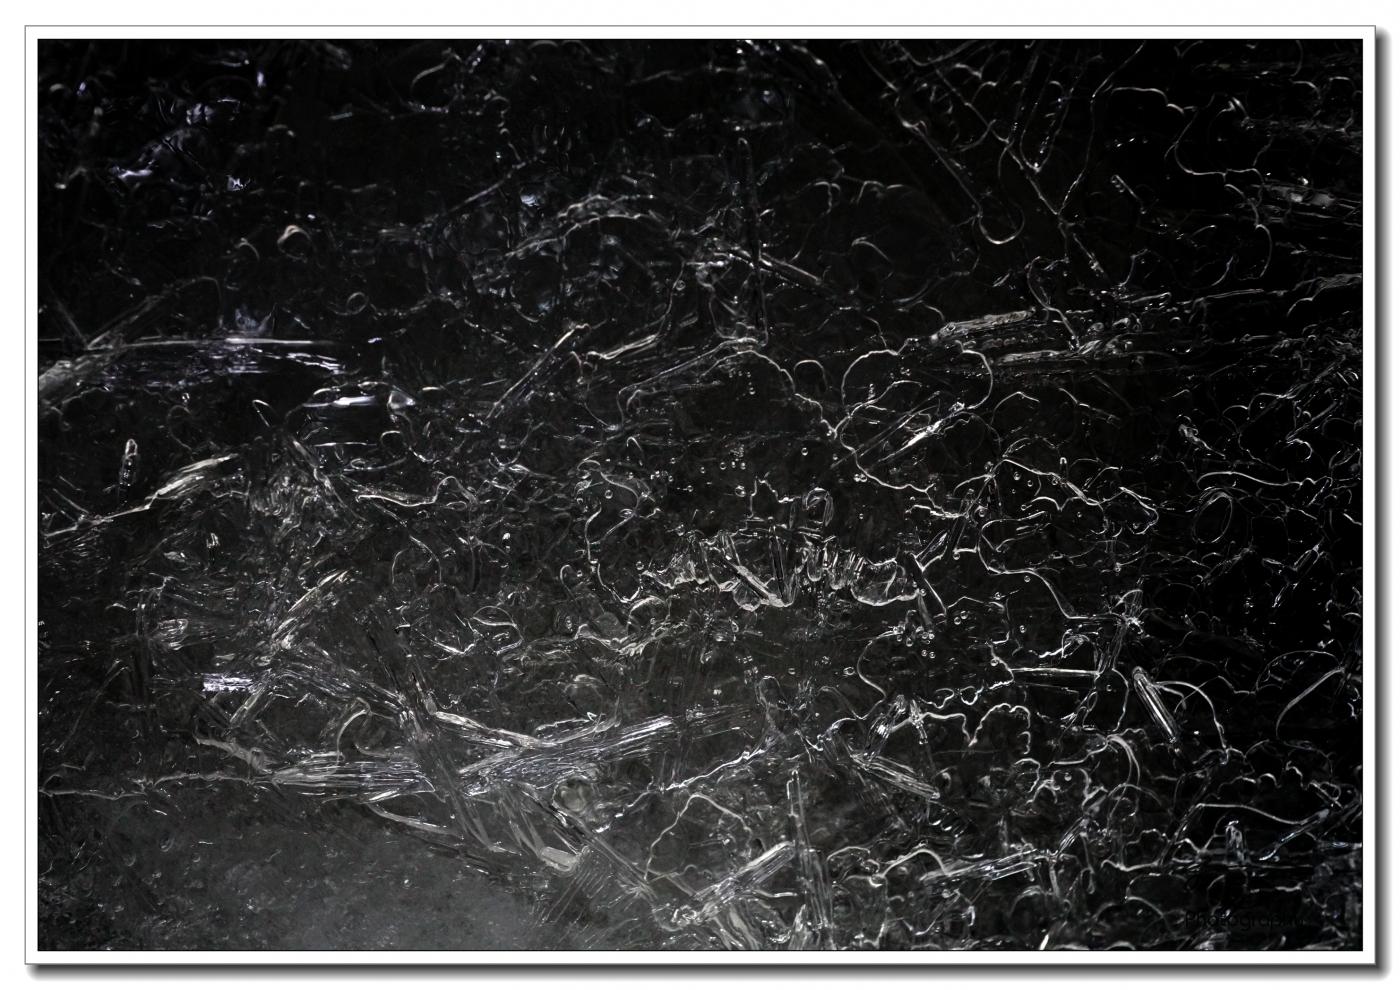 【相机人生】冰的解析之一(491)_图1-11